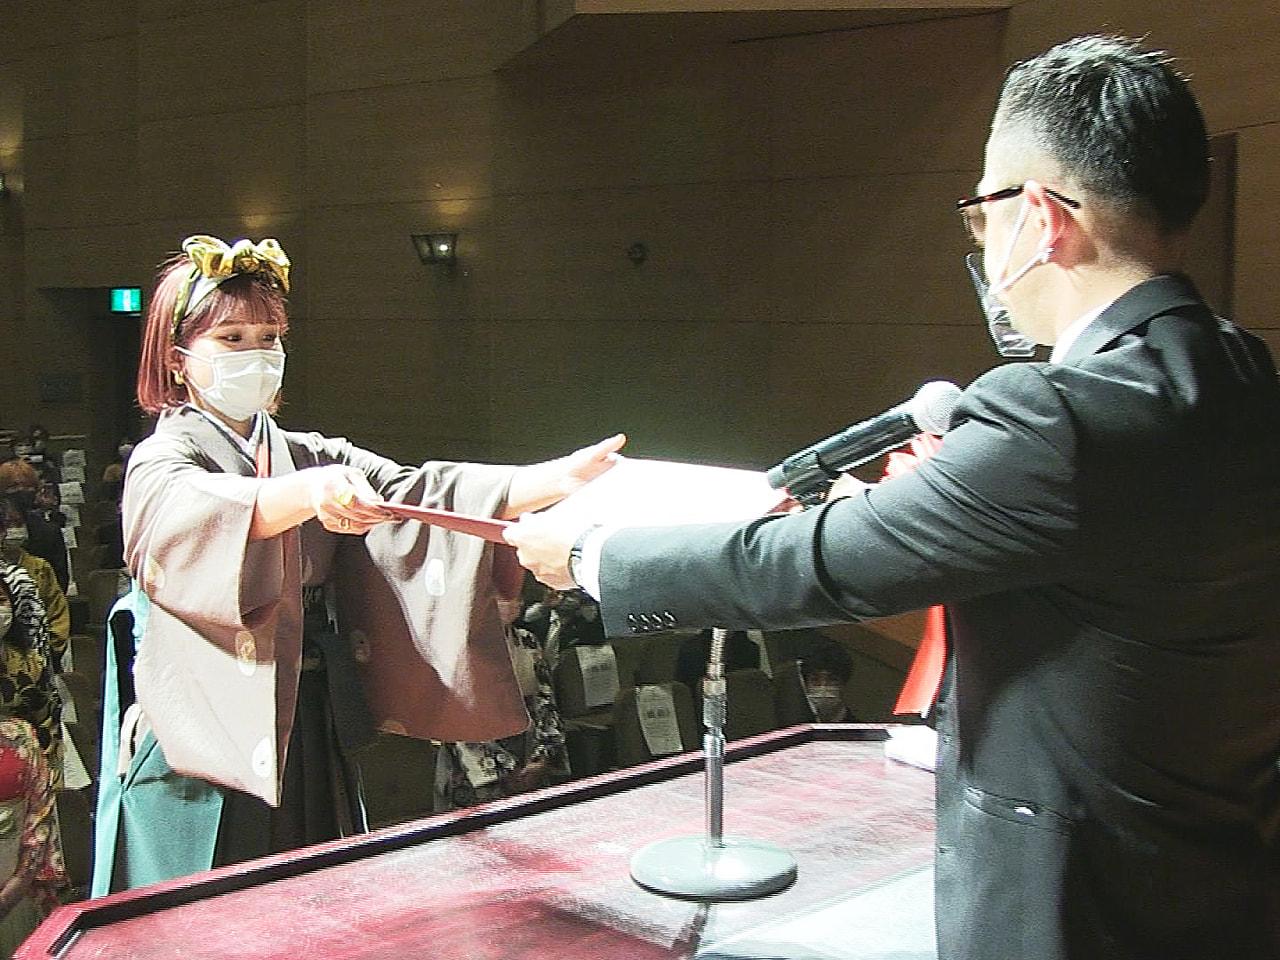 岐阜市の総合美容専門学校「ベルフォートアカデミーオブビューティー」の卒業式が行わ...